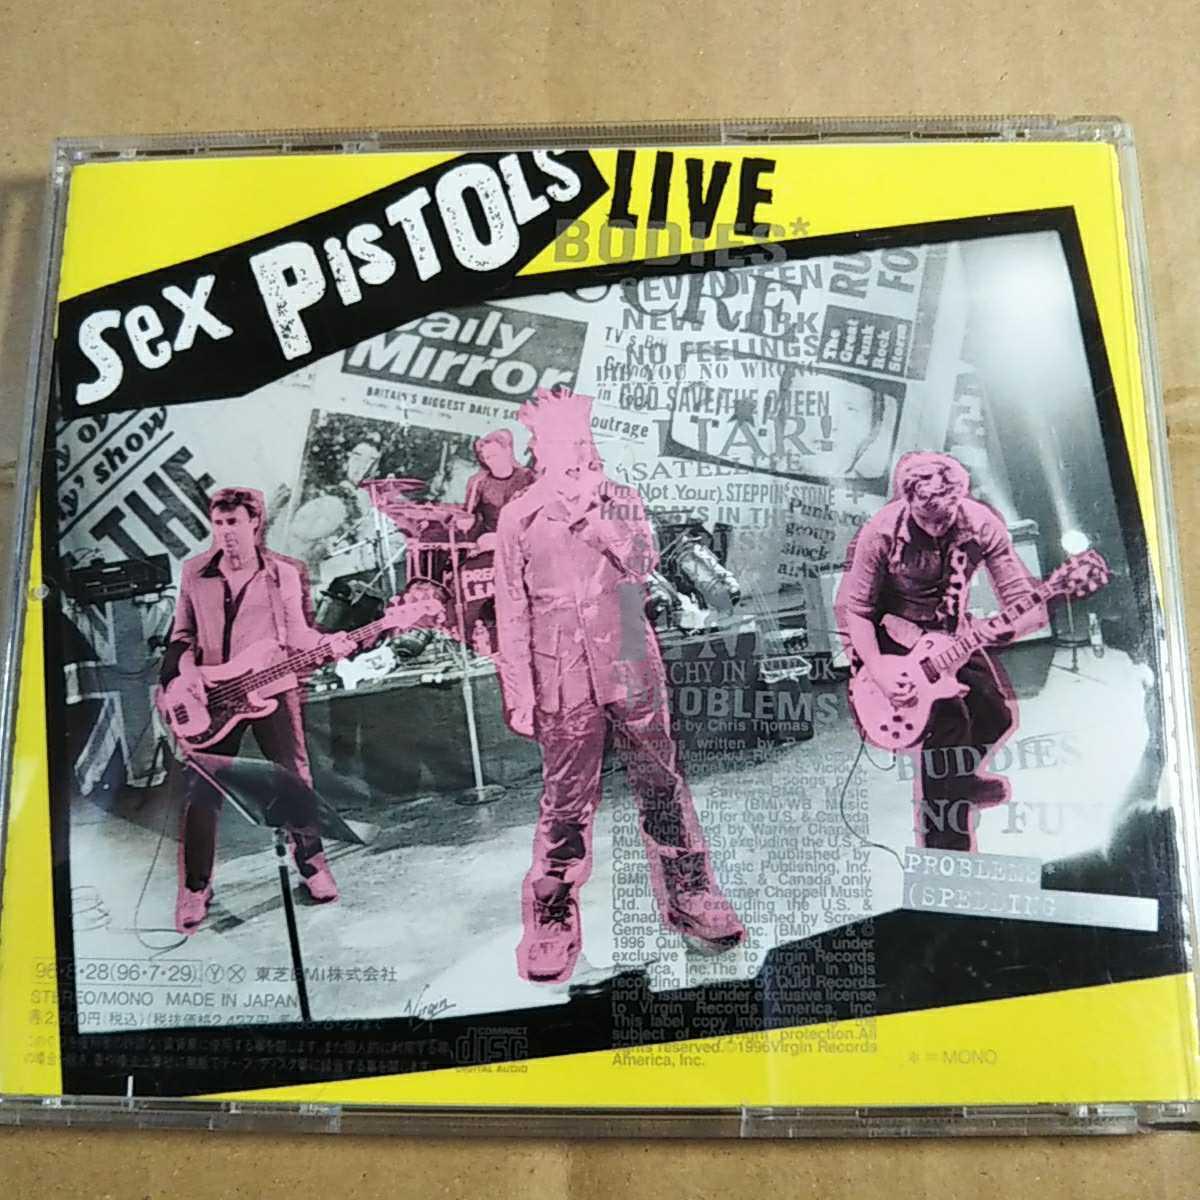 中古CD SEX PISTOLS / セックス・ピストルズ『FILTHY LUCRE LIVE』国内盤/帯有り VJCP-25247【1362】